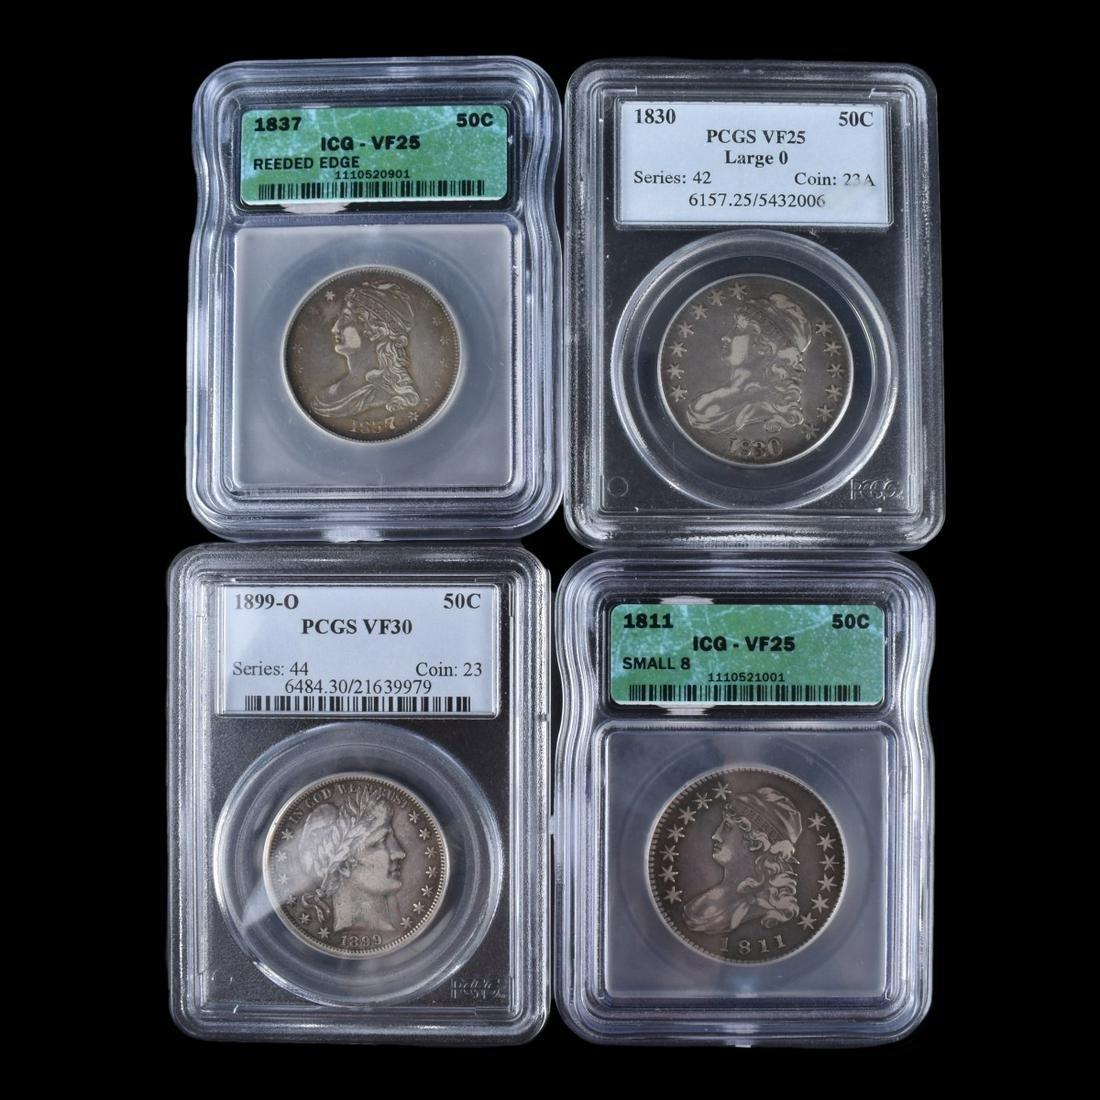 Four (4) Circa 1811 - 1899 U.S. Half Dollars